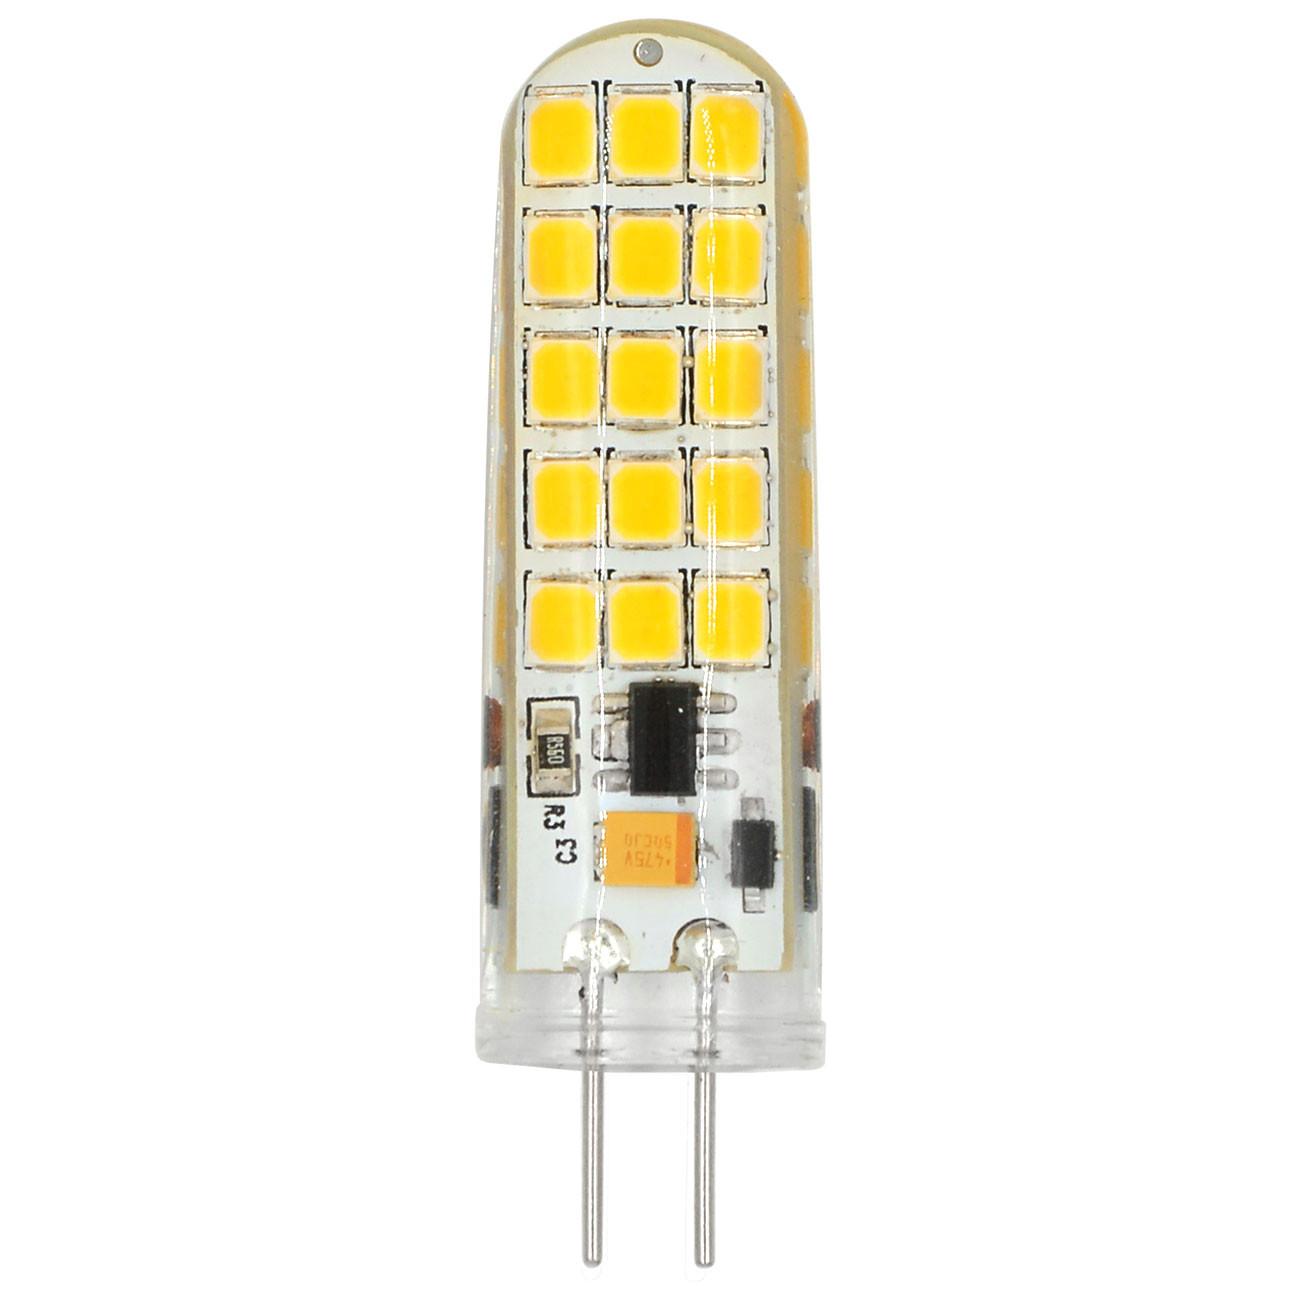 MENGS® G4 4W LED Light 30x 2835 SMD LED Bulb Lamp AC/DC 12V In Cool White Energy-Saving Light